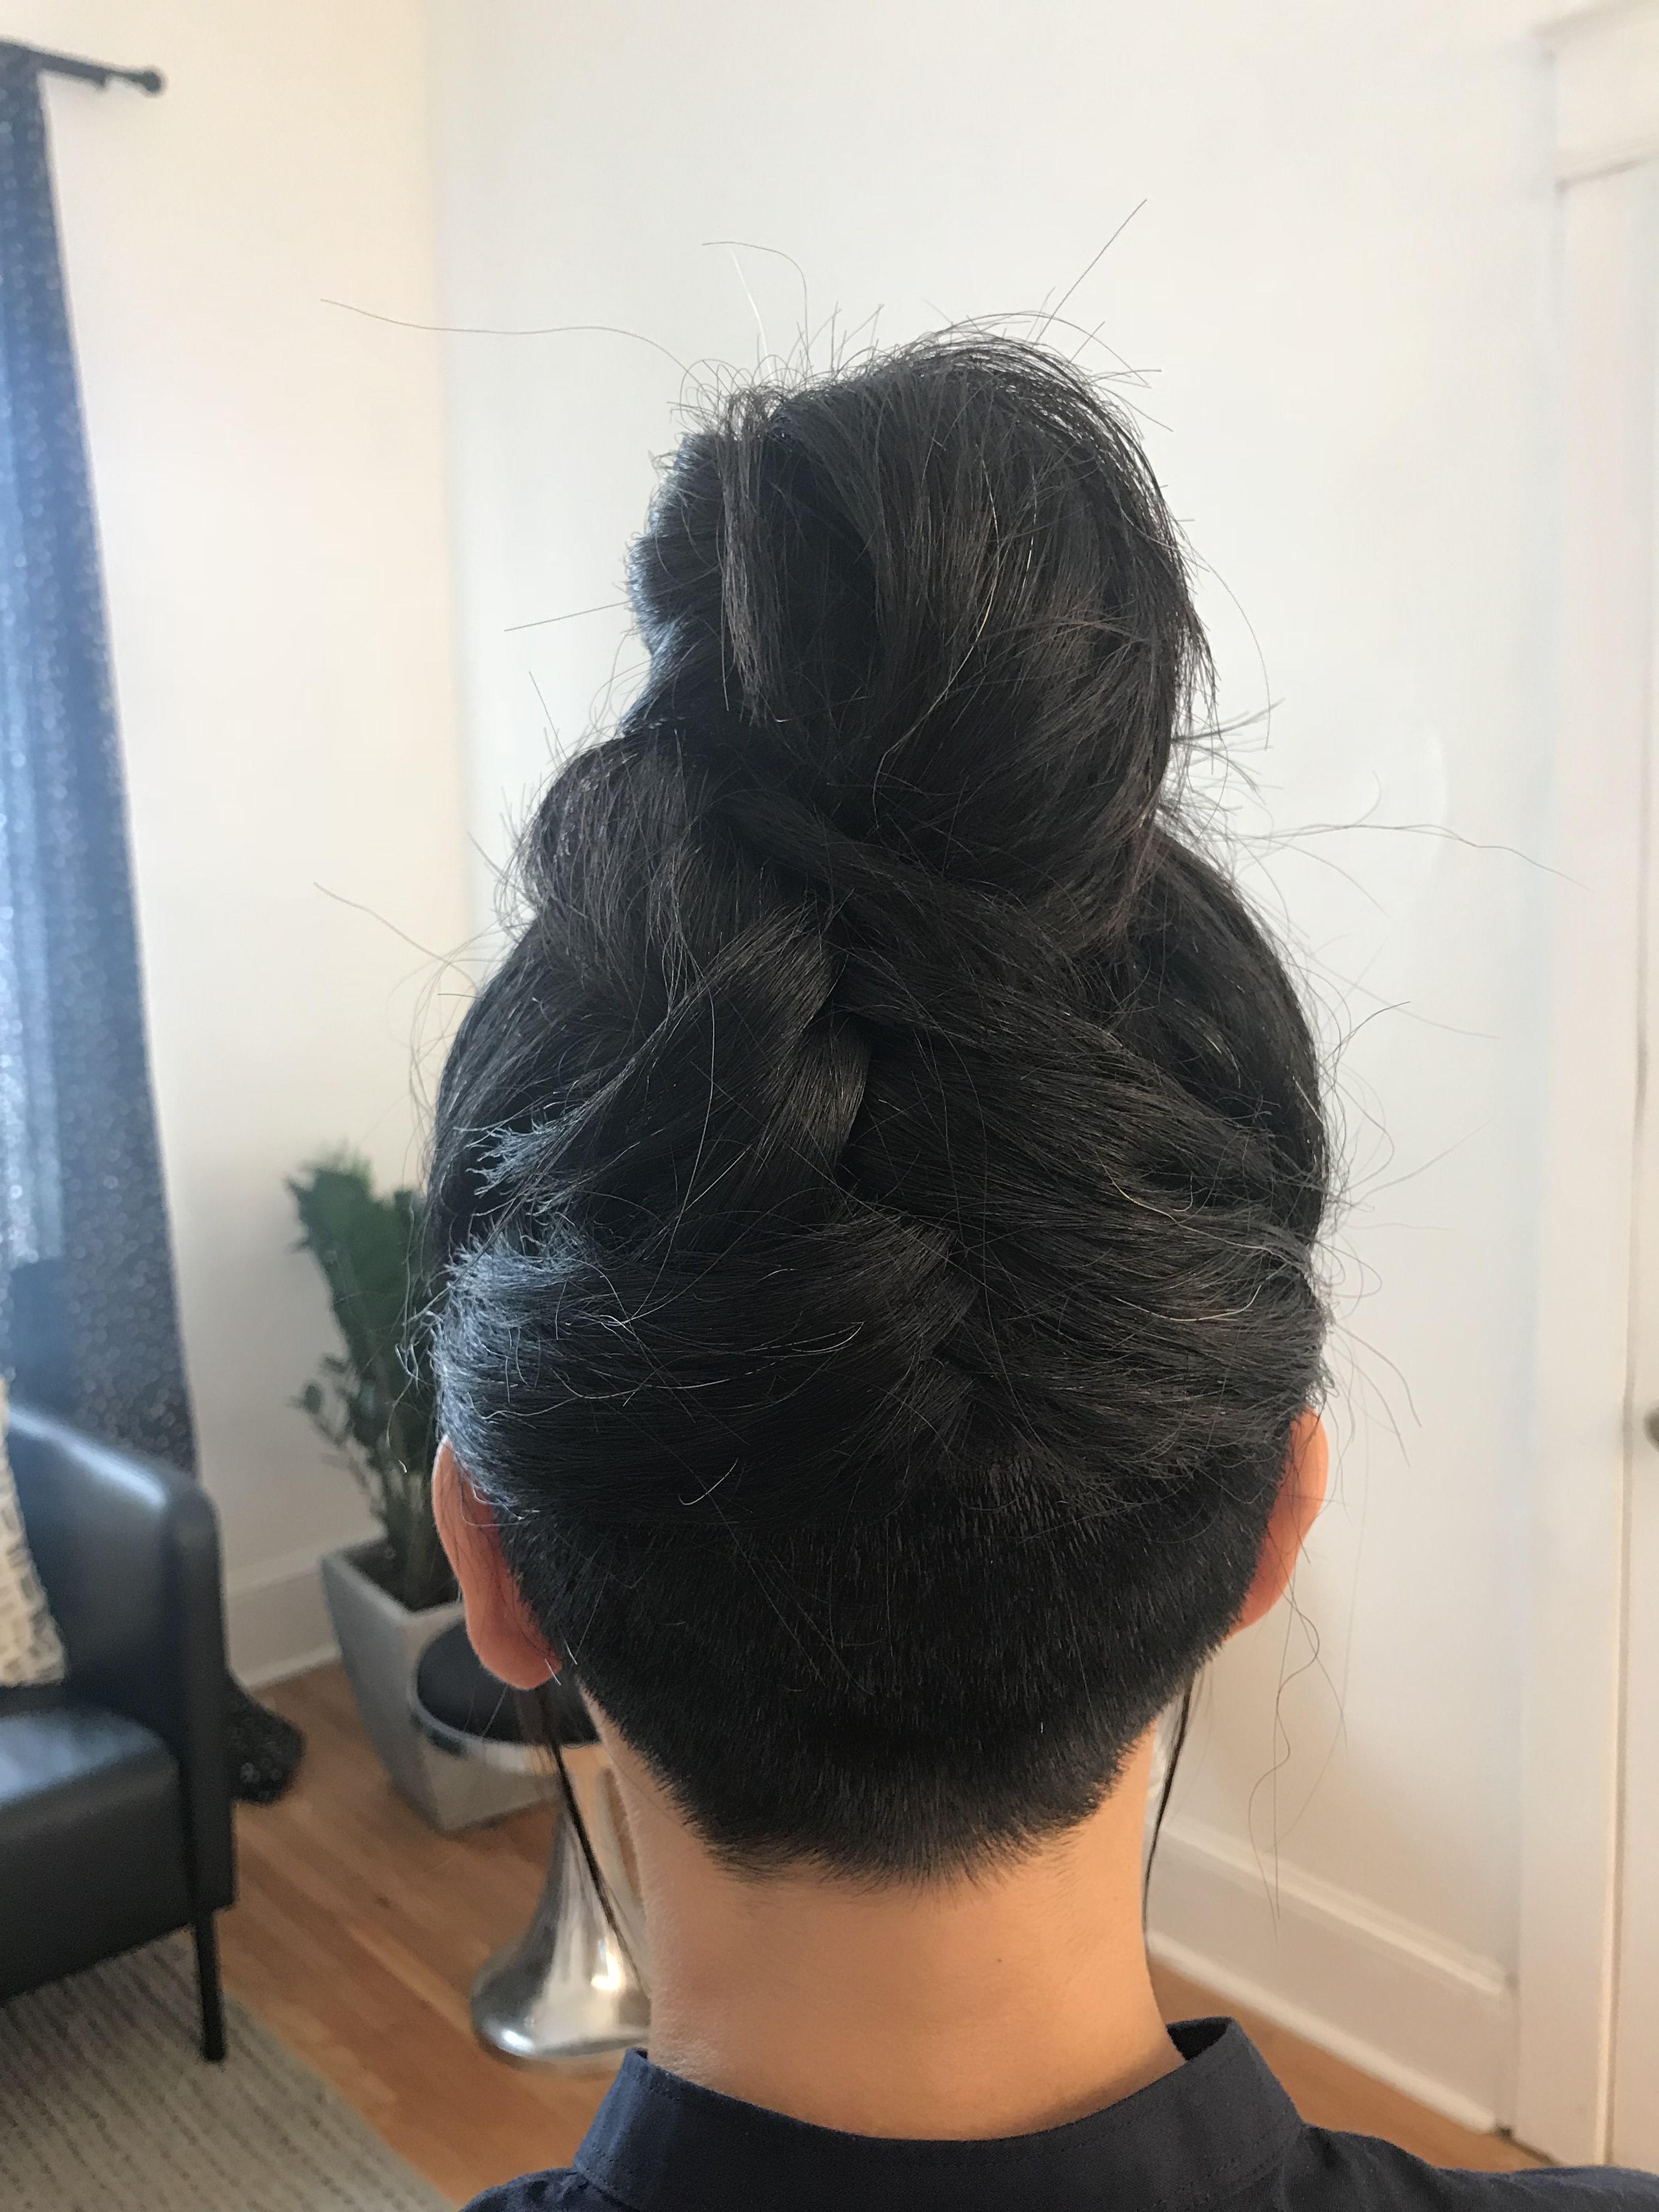 cool up do, bun, high bun, dark hair styles, updo for dark